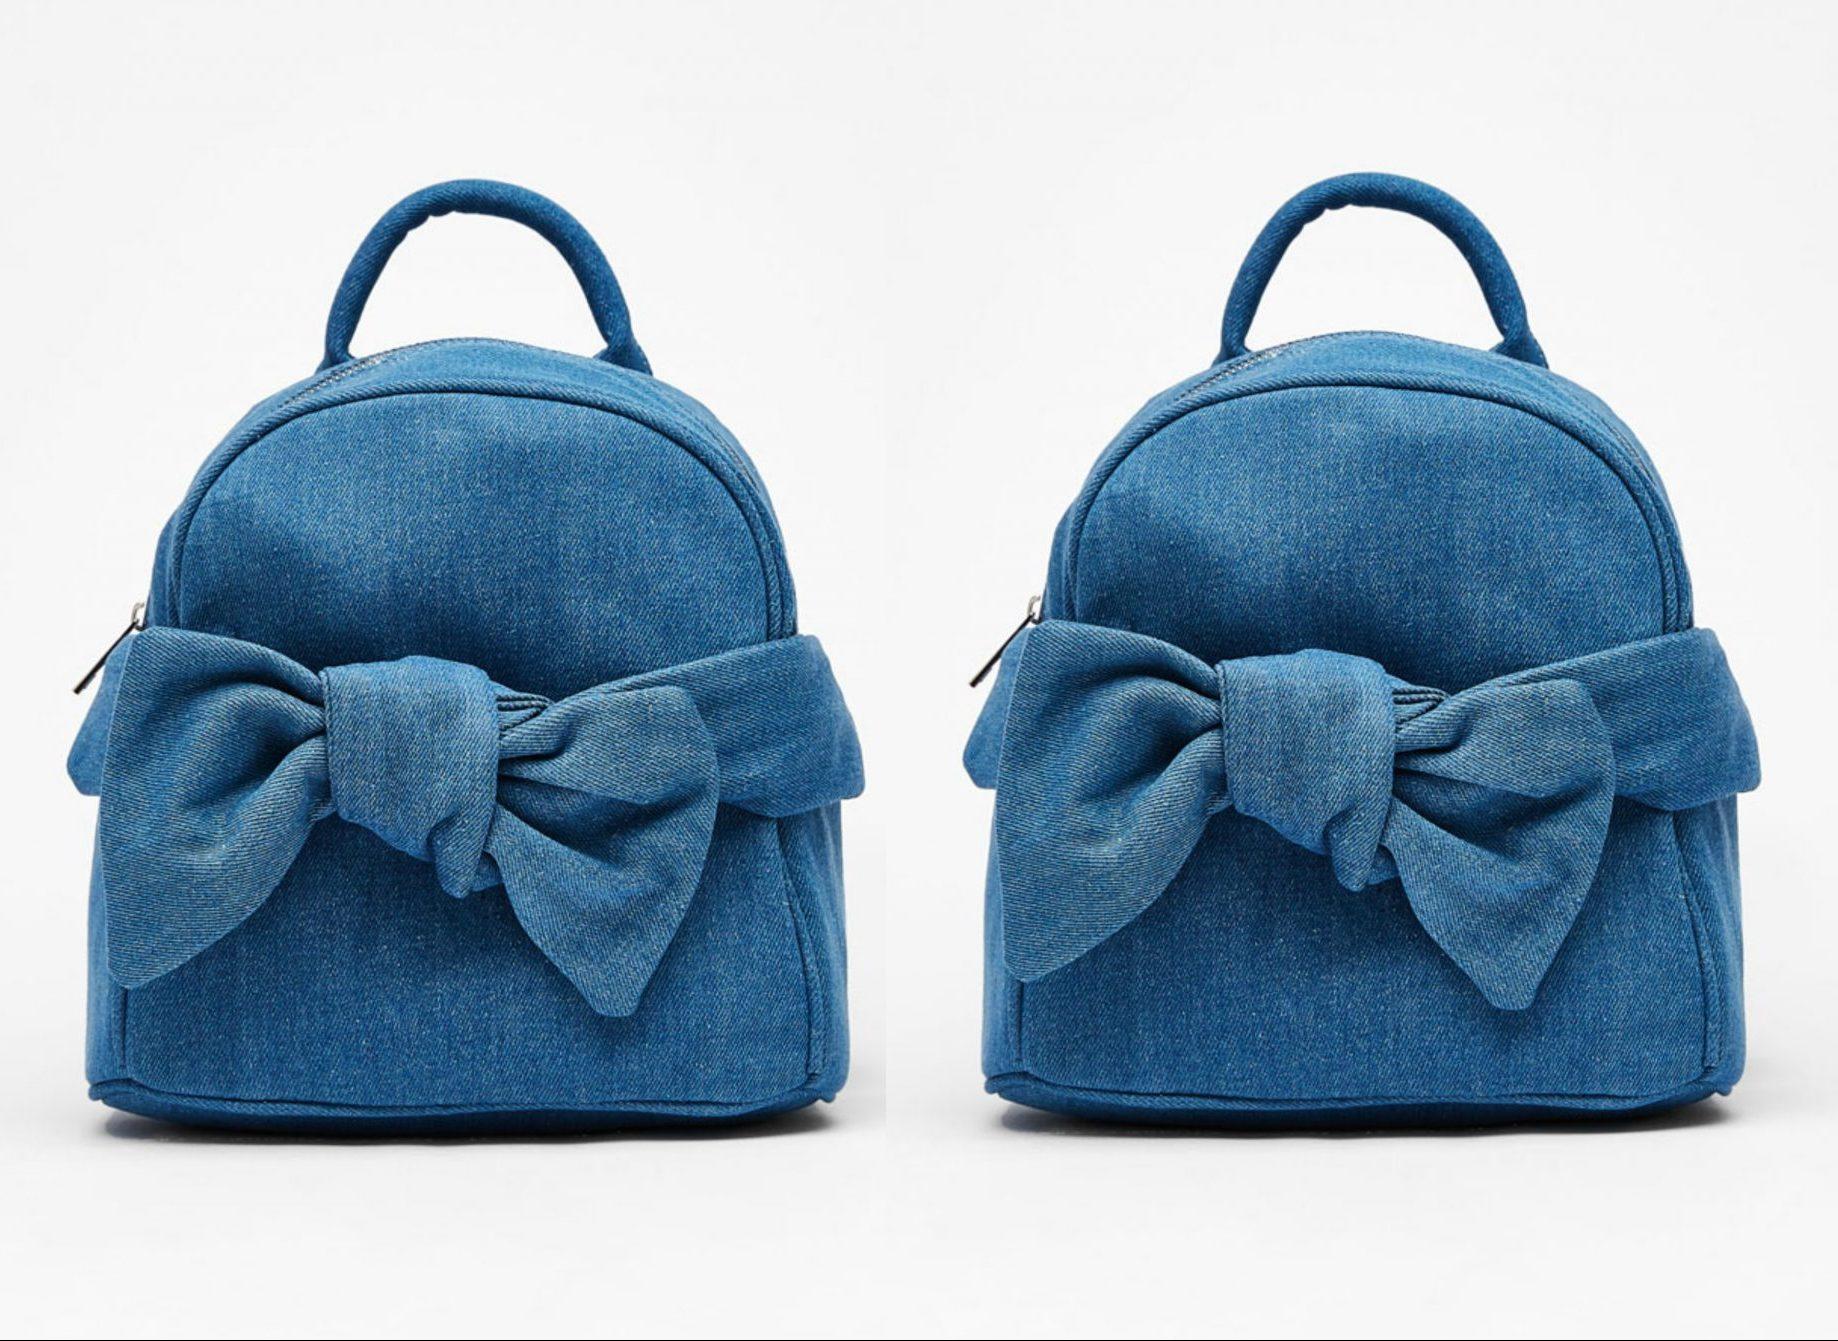 Čak i ako ne volite nositi ruksake, ovaj model bi vas mogao osvojiti!